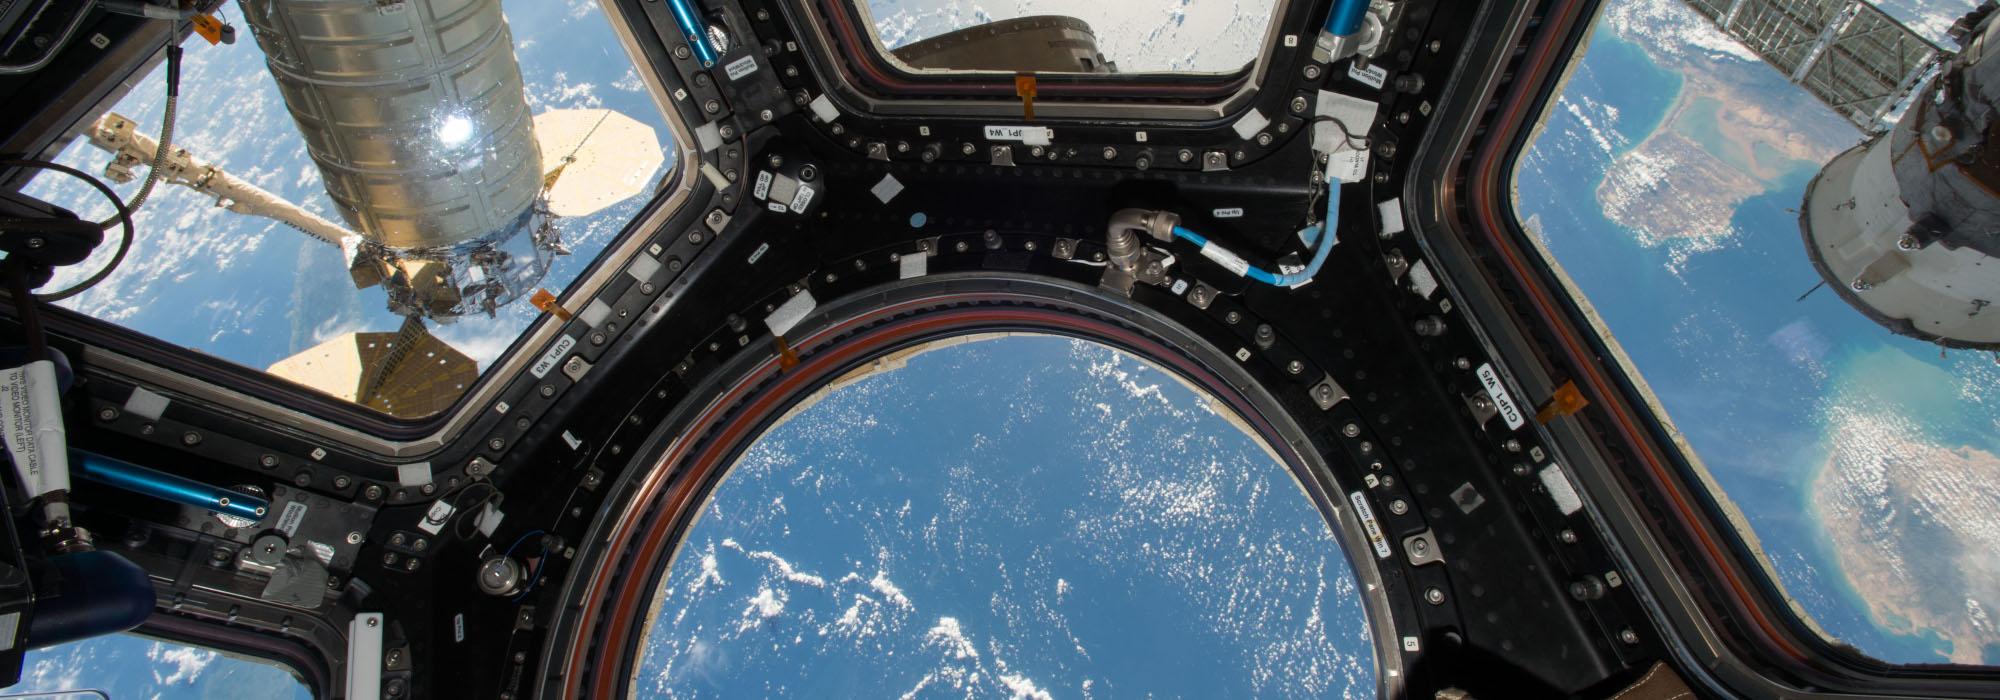 Tek Çare Uzay – Uzayda İzolasyon ve Astronotların Psikolojisi